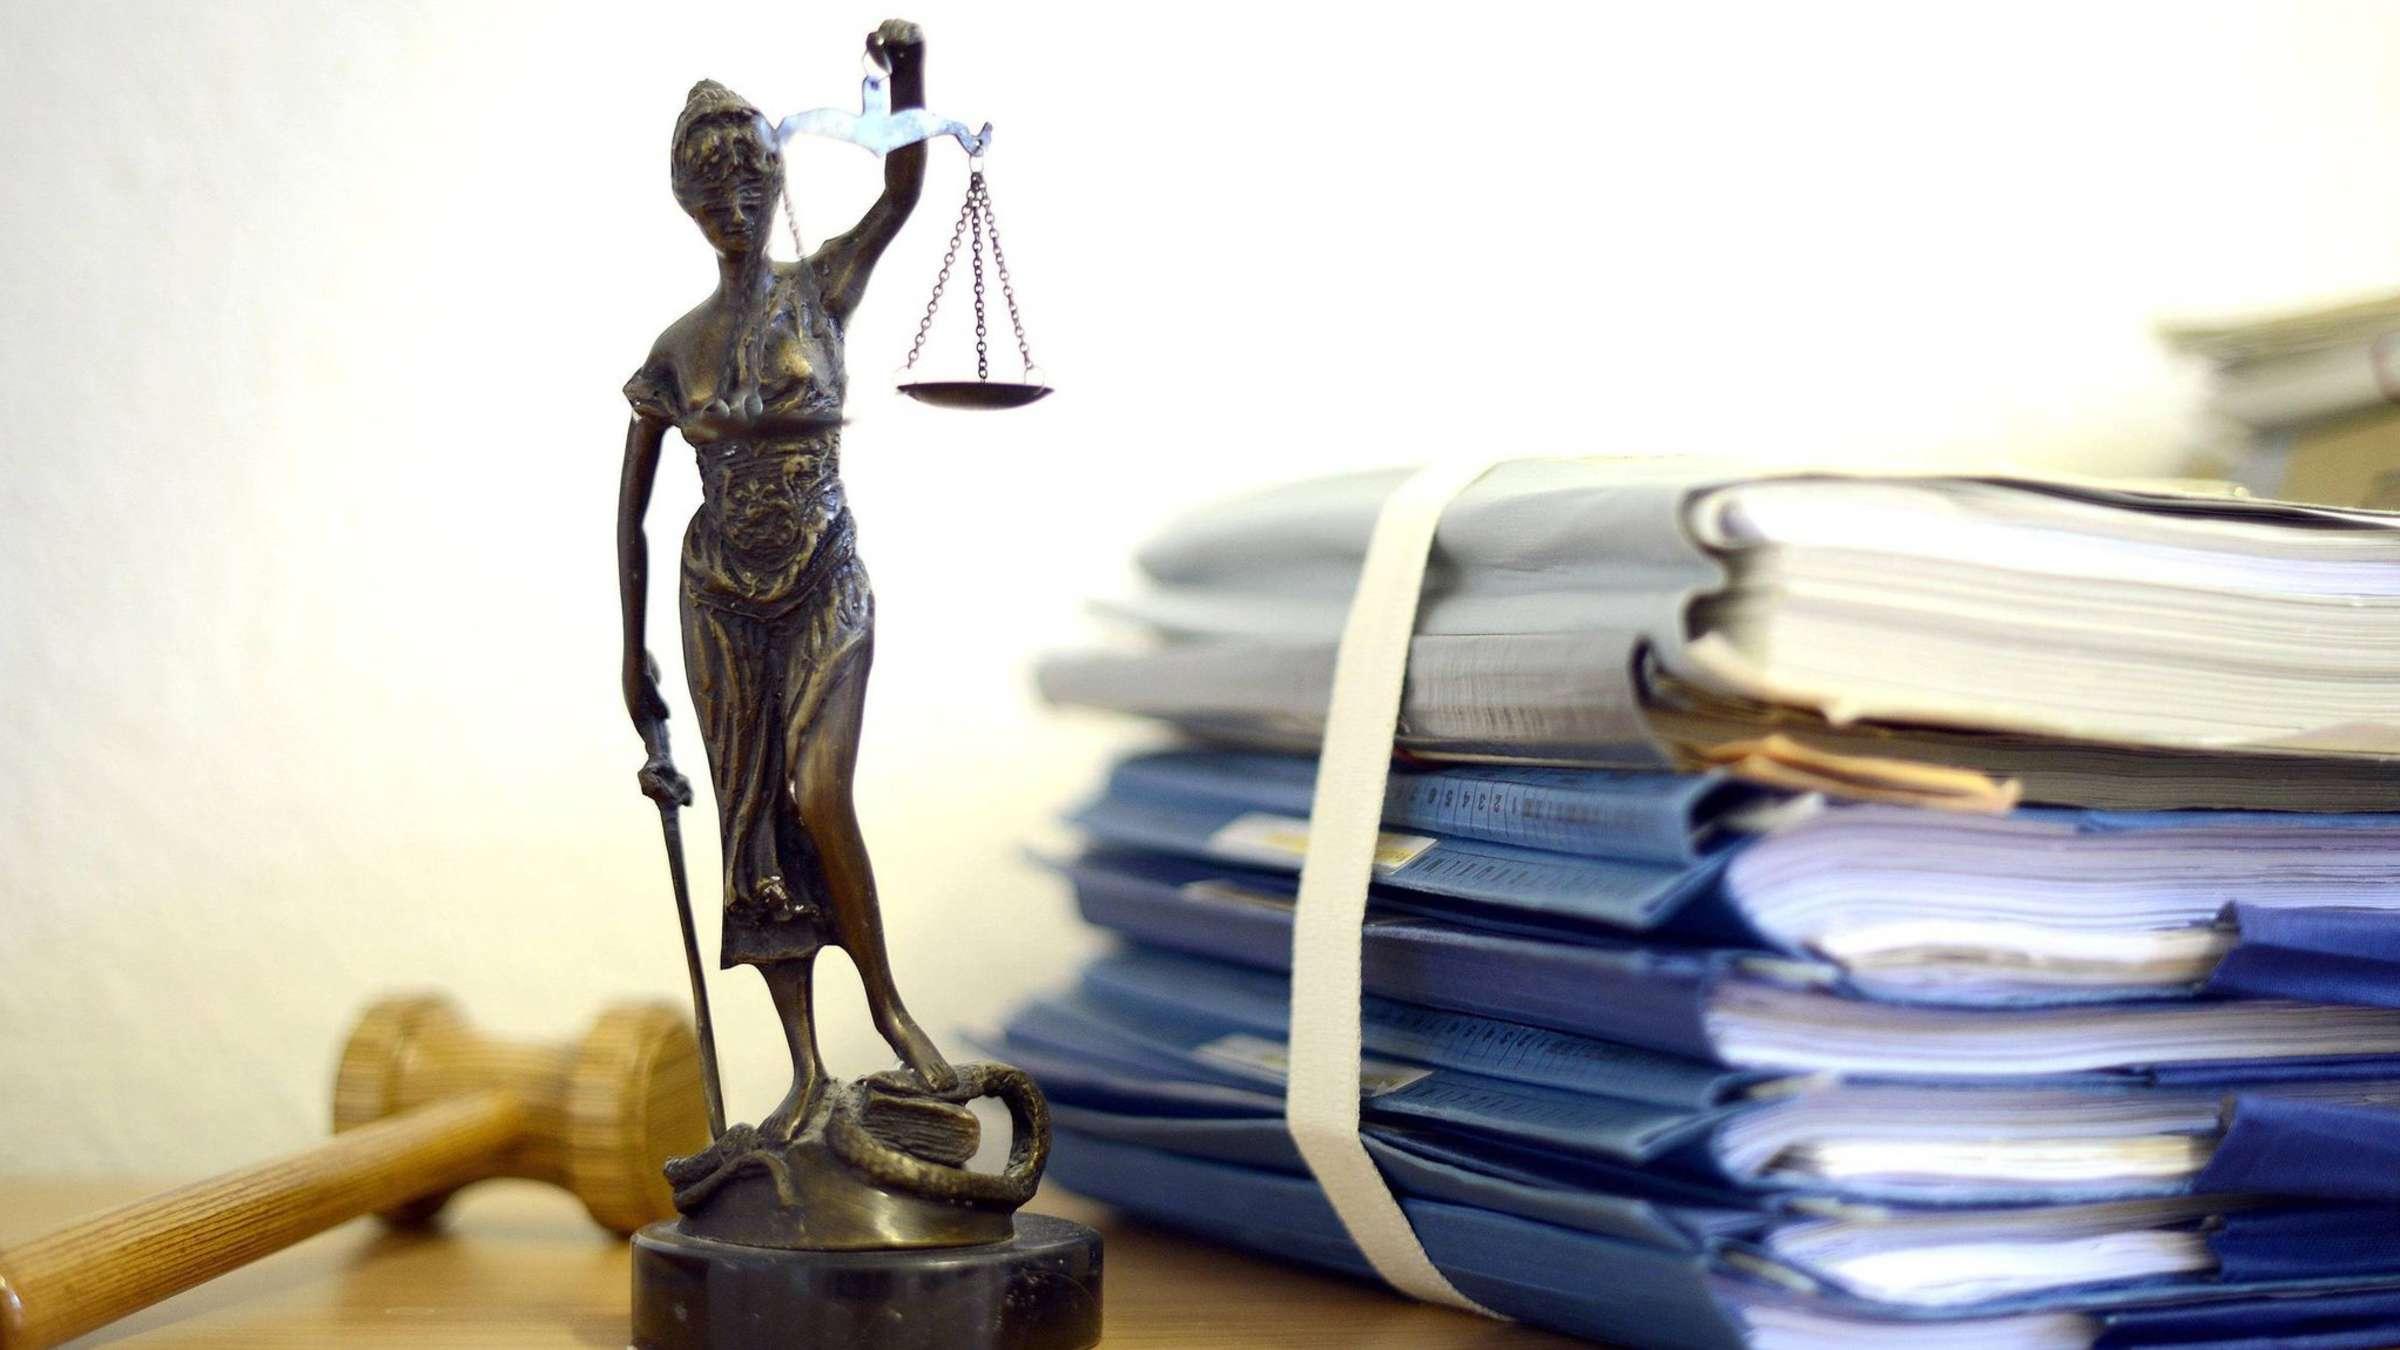 Privatizimi i Gjykatës së Lartë, lindja e 'drejtësisë së plepave' varianti 2